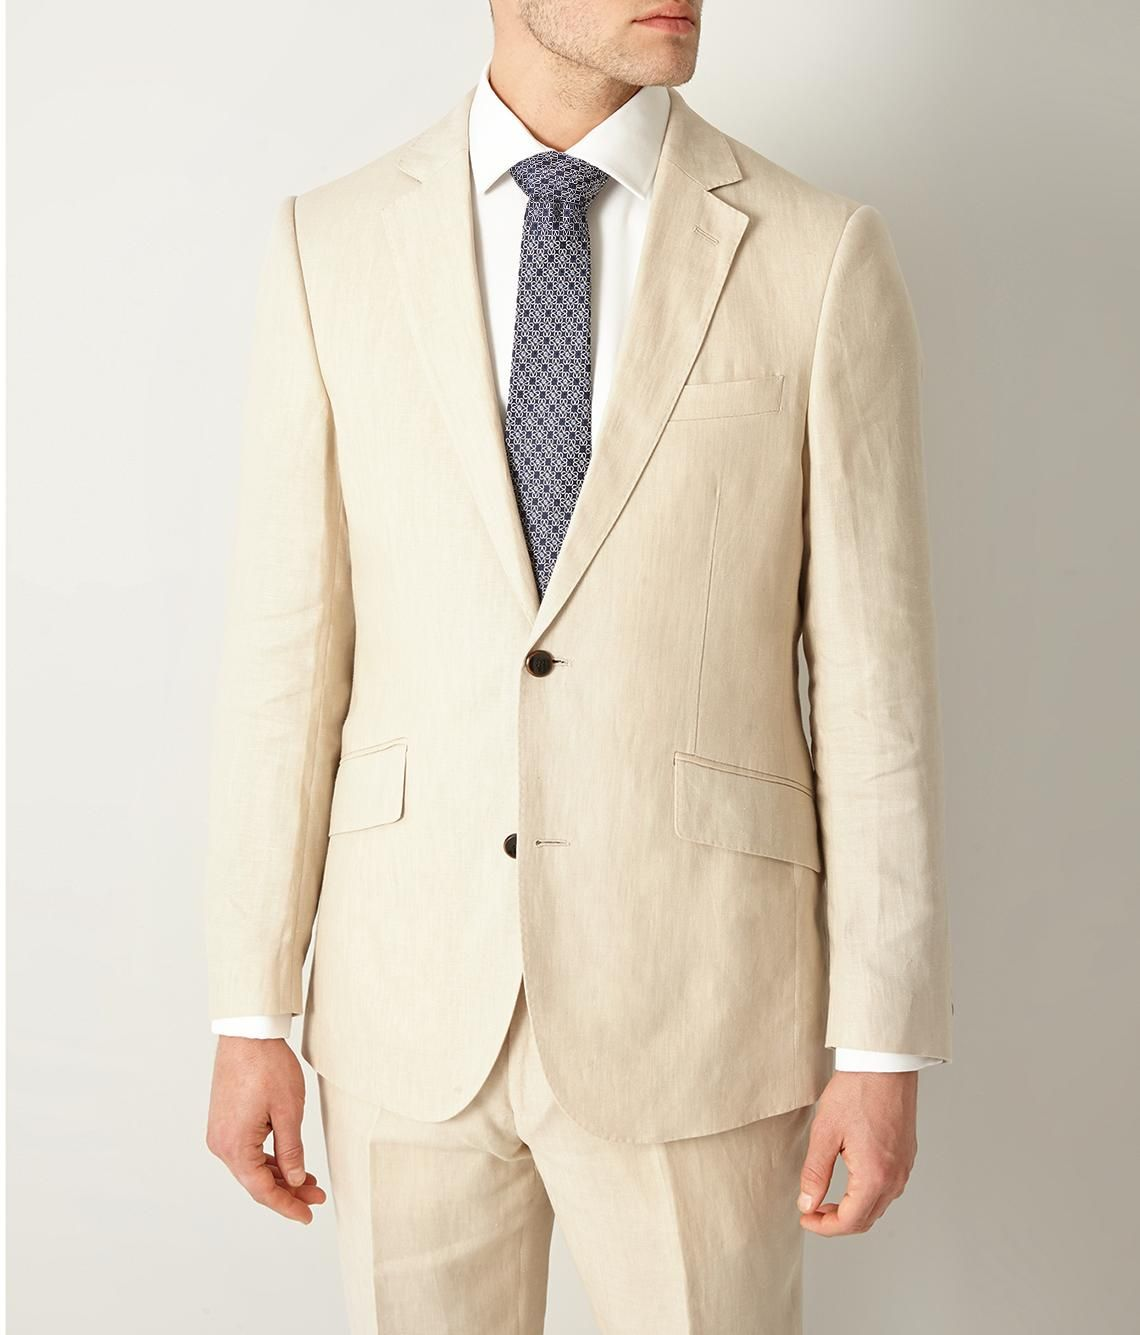 Contemporary Fit Beige Linen Suit Men S Suits Linen Suit Suits Clothes